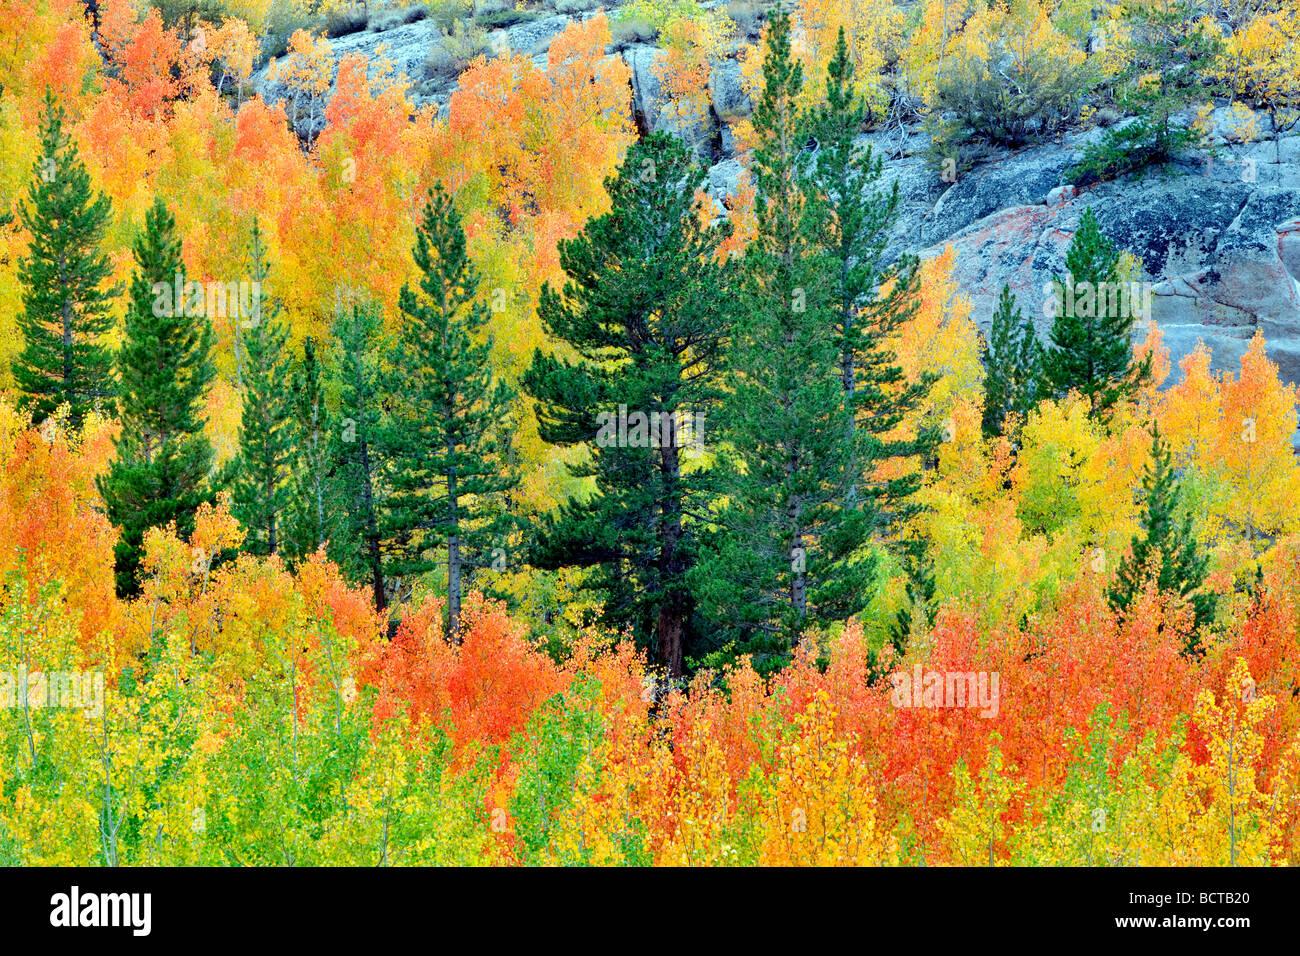 Forêt mixte de trembles en couleurs d'automne et des sapins Inyo National Forest en Californie Photo Stock